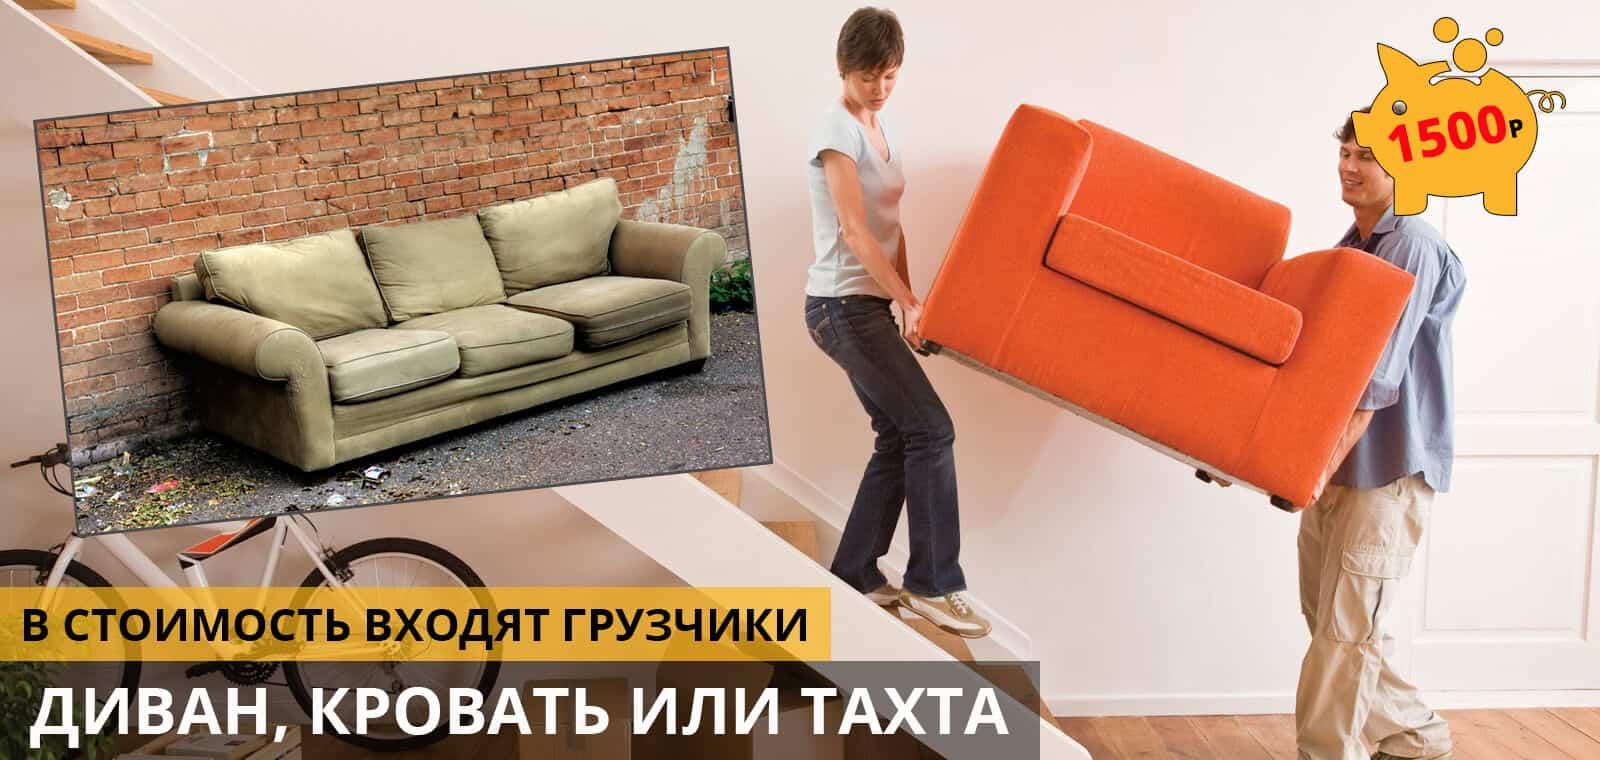 skidka_divan_big